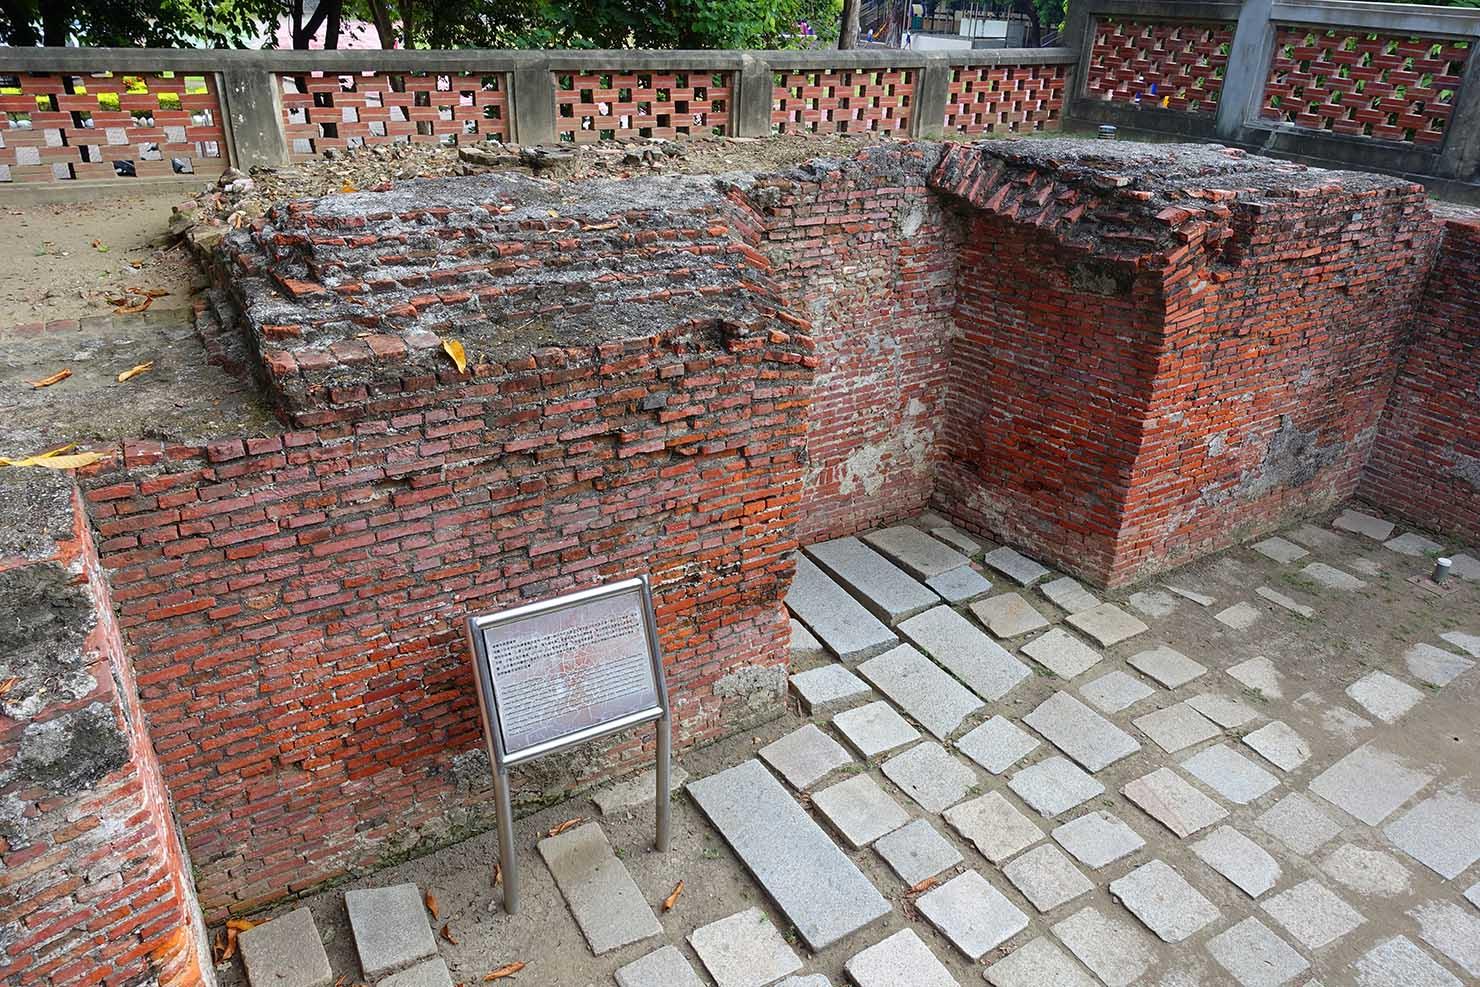 台湾の古都・台南のおすすめ観光スポット「赤崁樓」の一角に残るオランダ時代の城壁